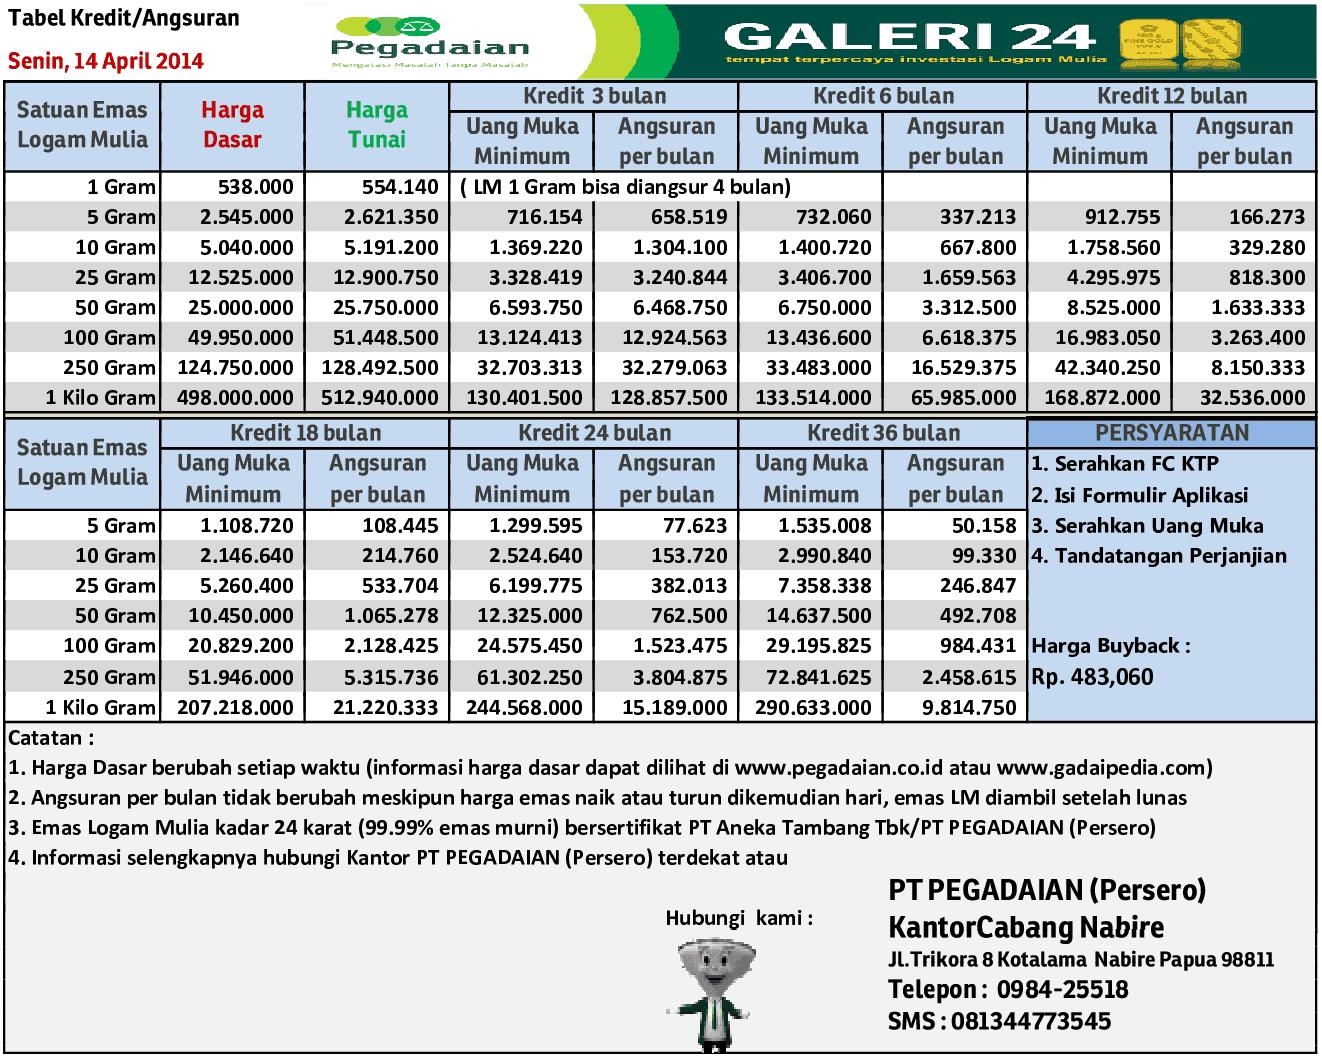 harga emas dan tabel kredit emas pegadaian 14 april 2014